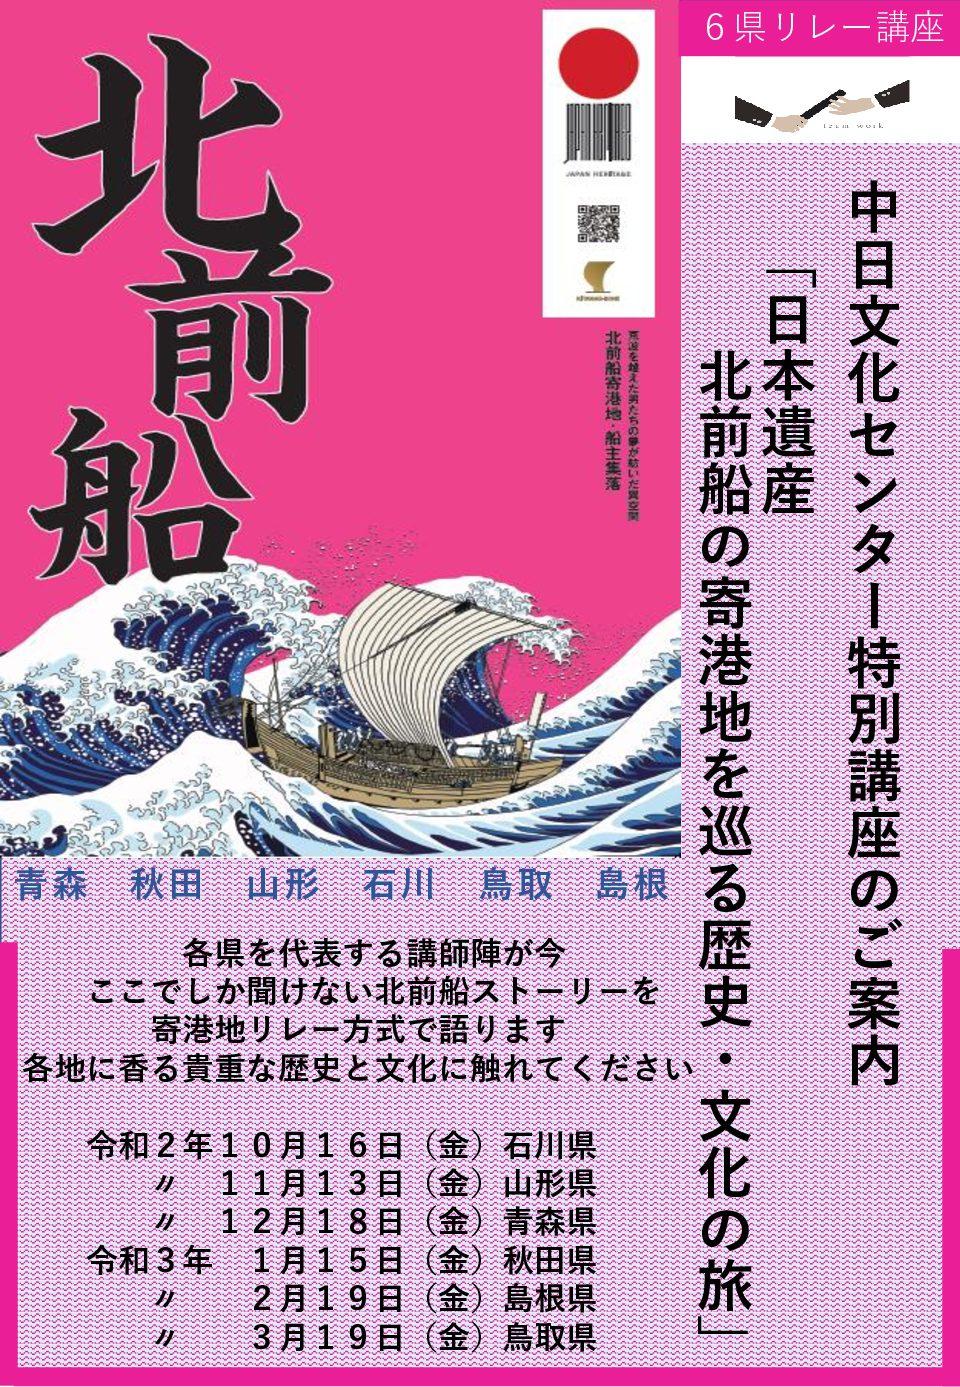 「6県リレー講座 日本遺産・北前船の寄港地を巡る歴史・文化の旅」開催のお知らせ